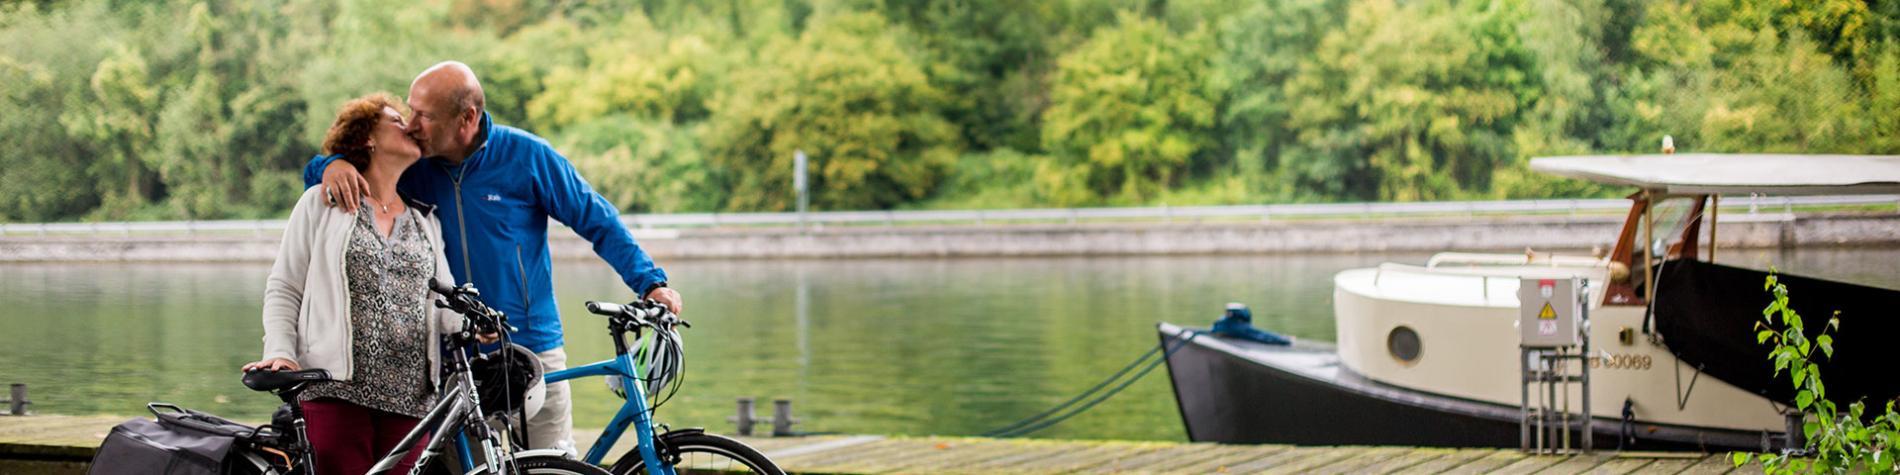 Anseremme - Meuse - Vélo - couple mature - bateau